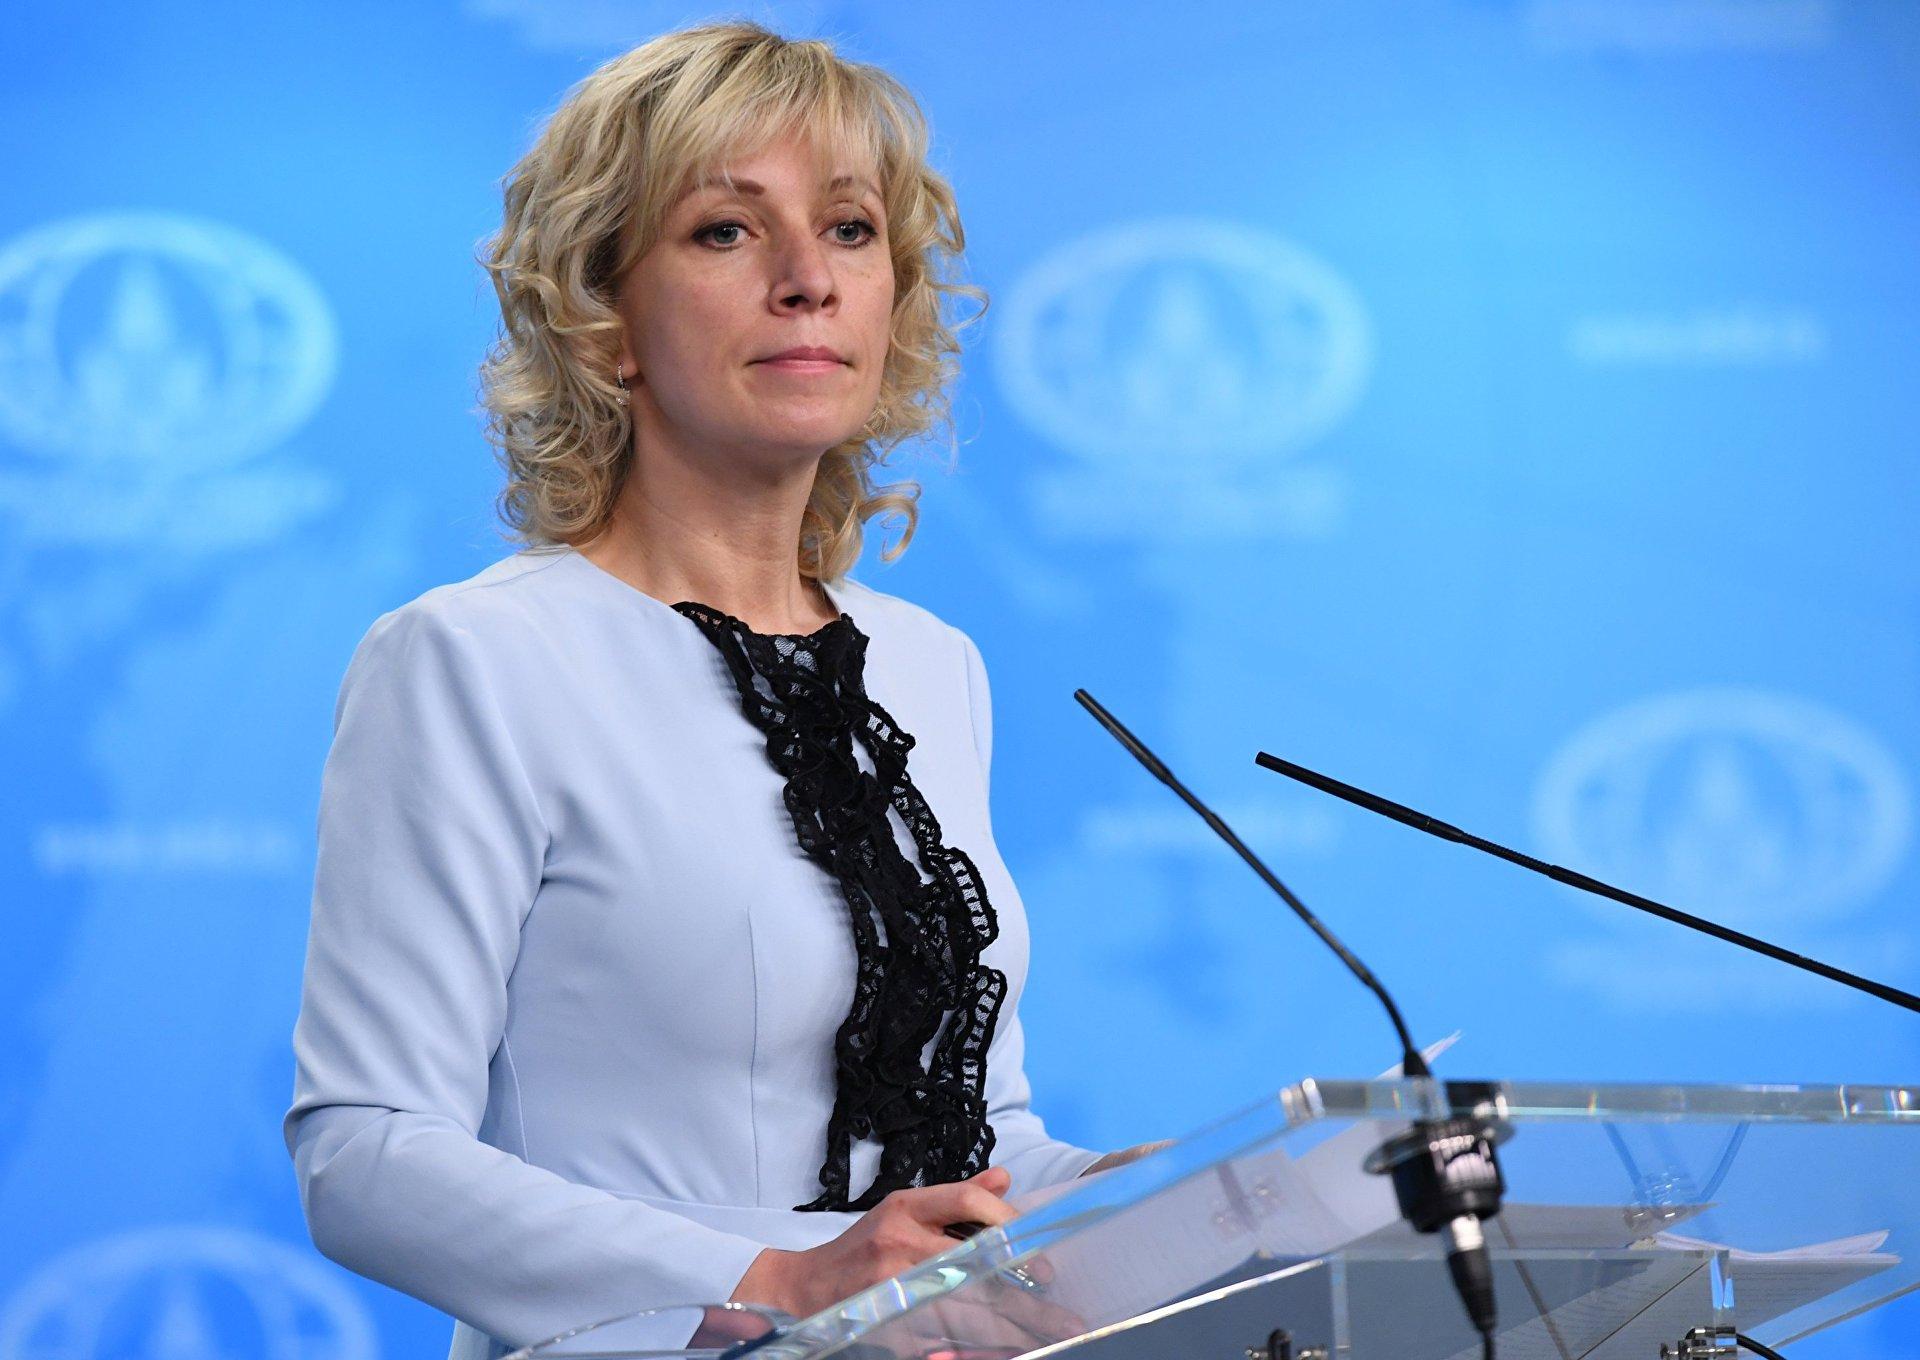 Захарова предложила Порошенко способ поднять флаг в Севастополе